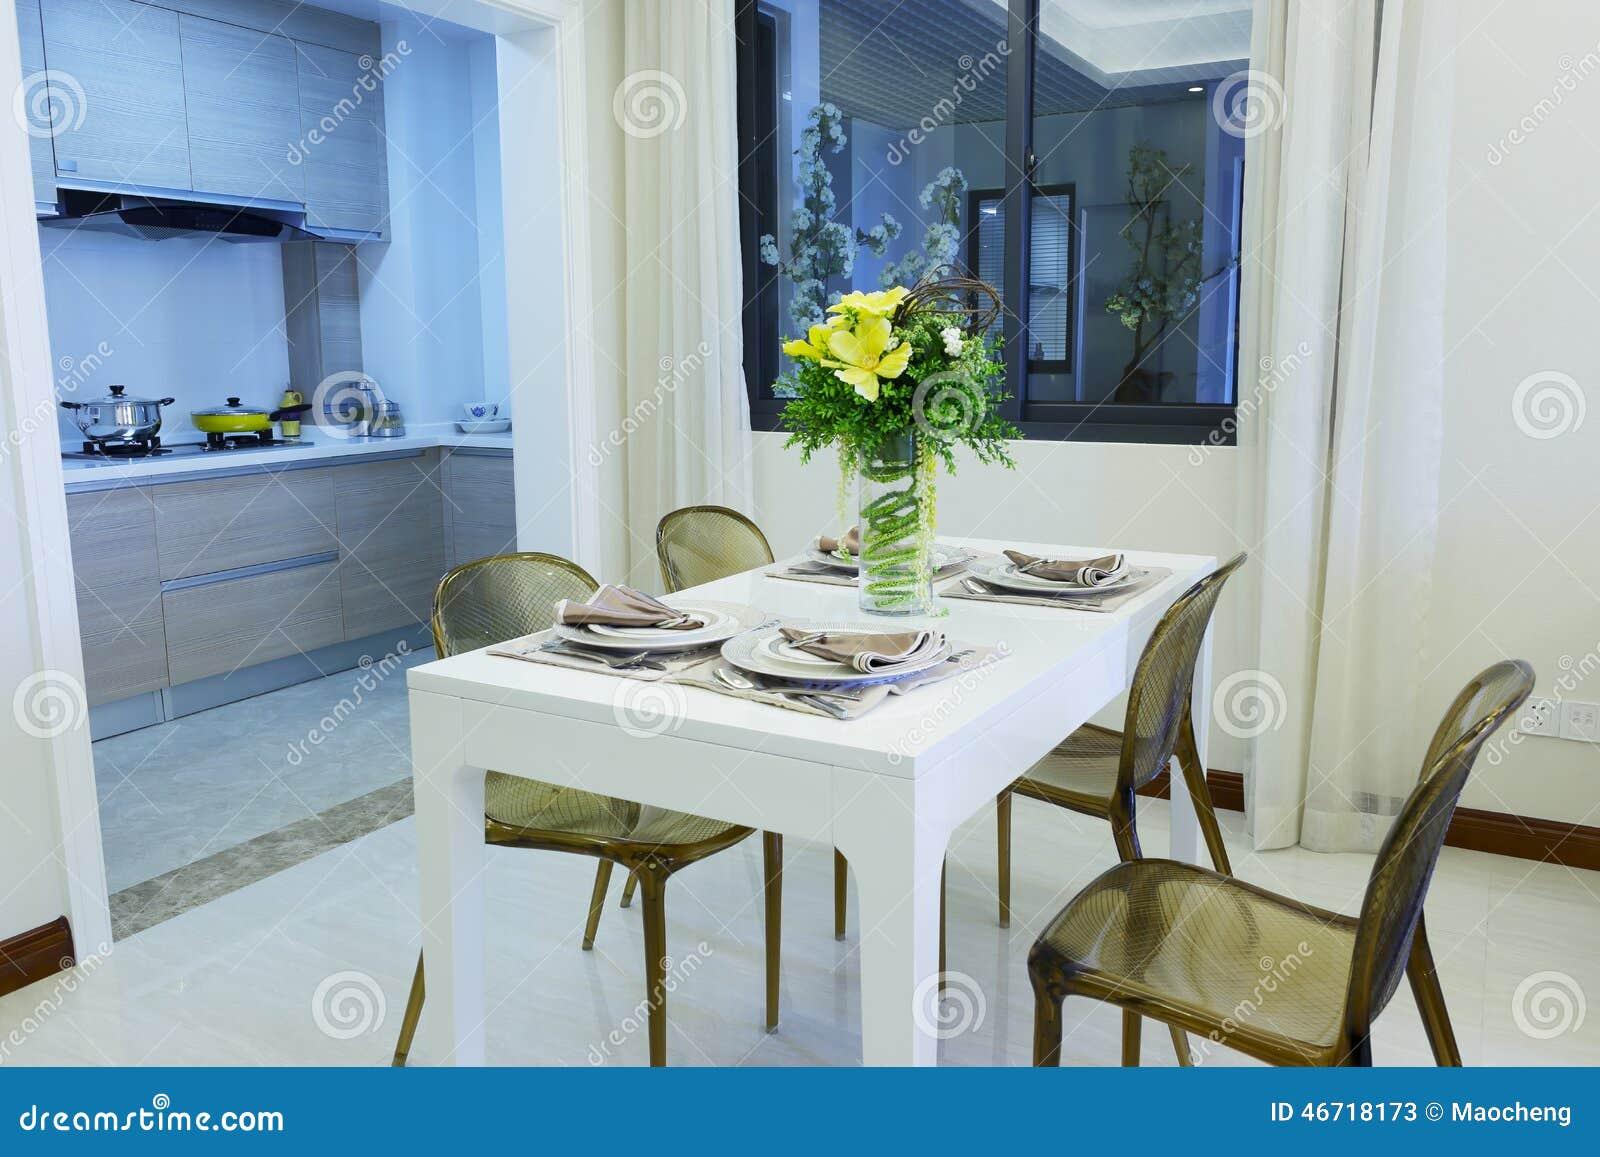 Comedor Al Lado De La Cocina Imagen de archivo - Imagen de napkins ...